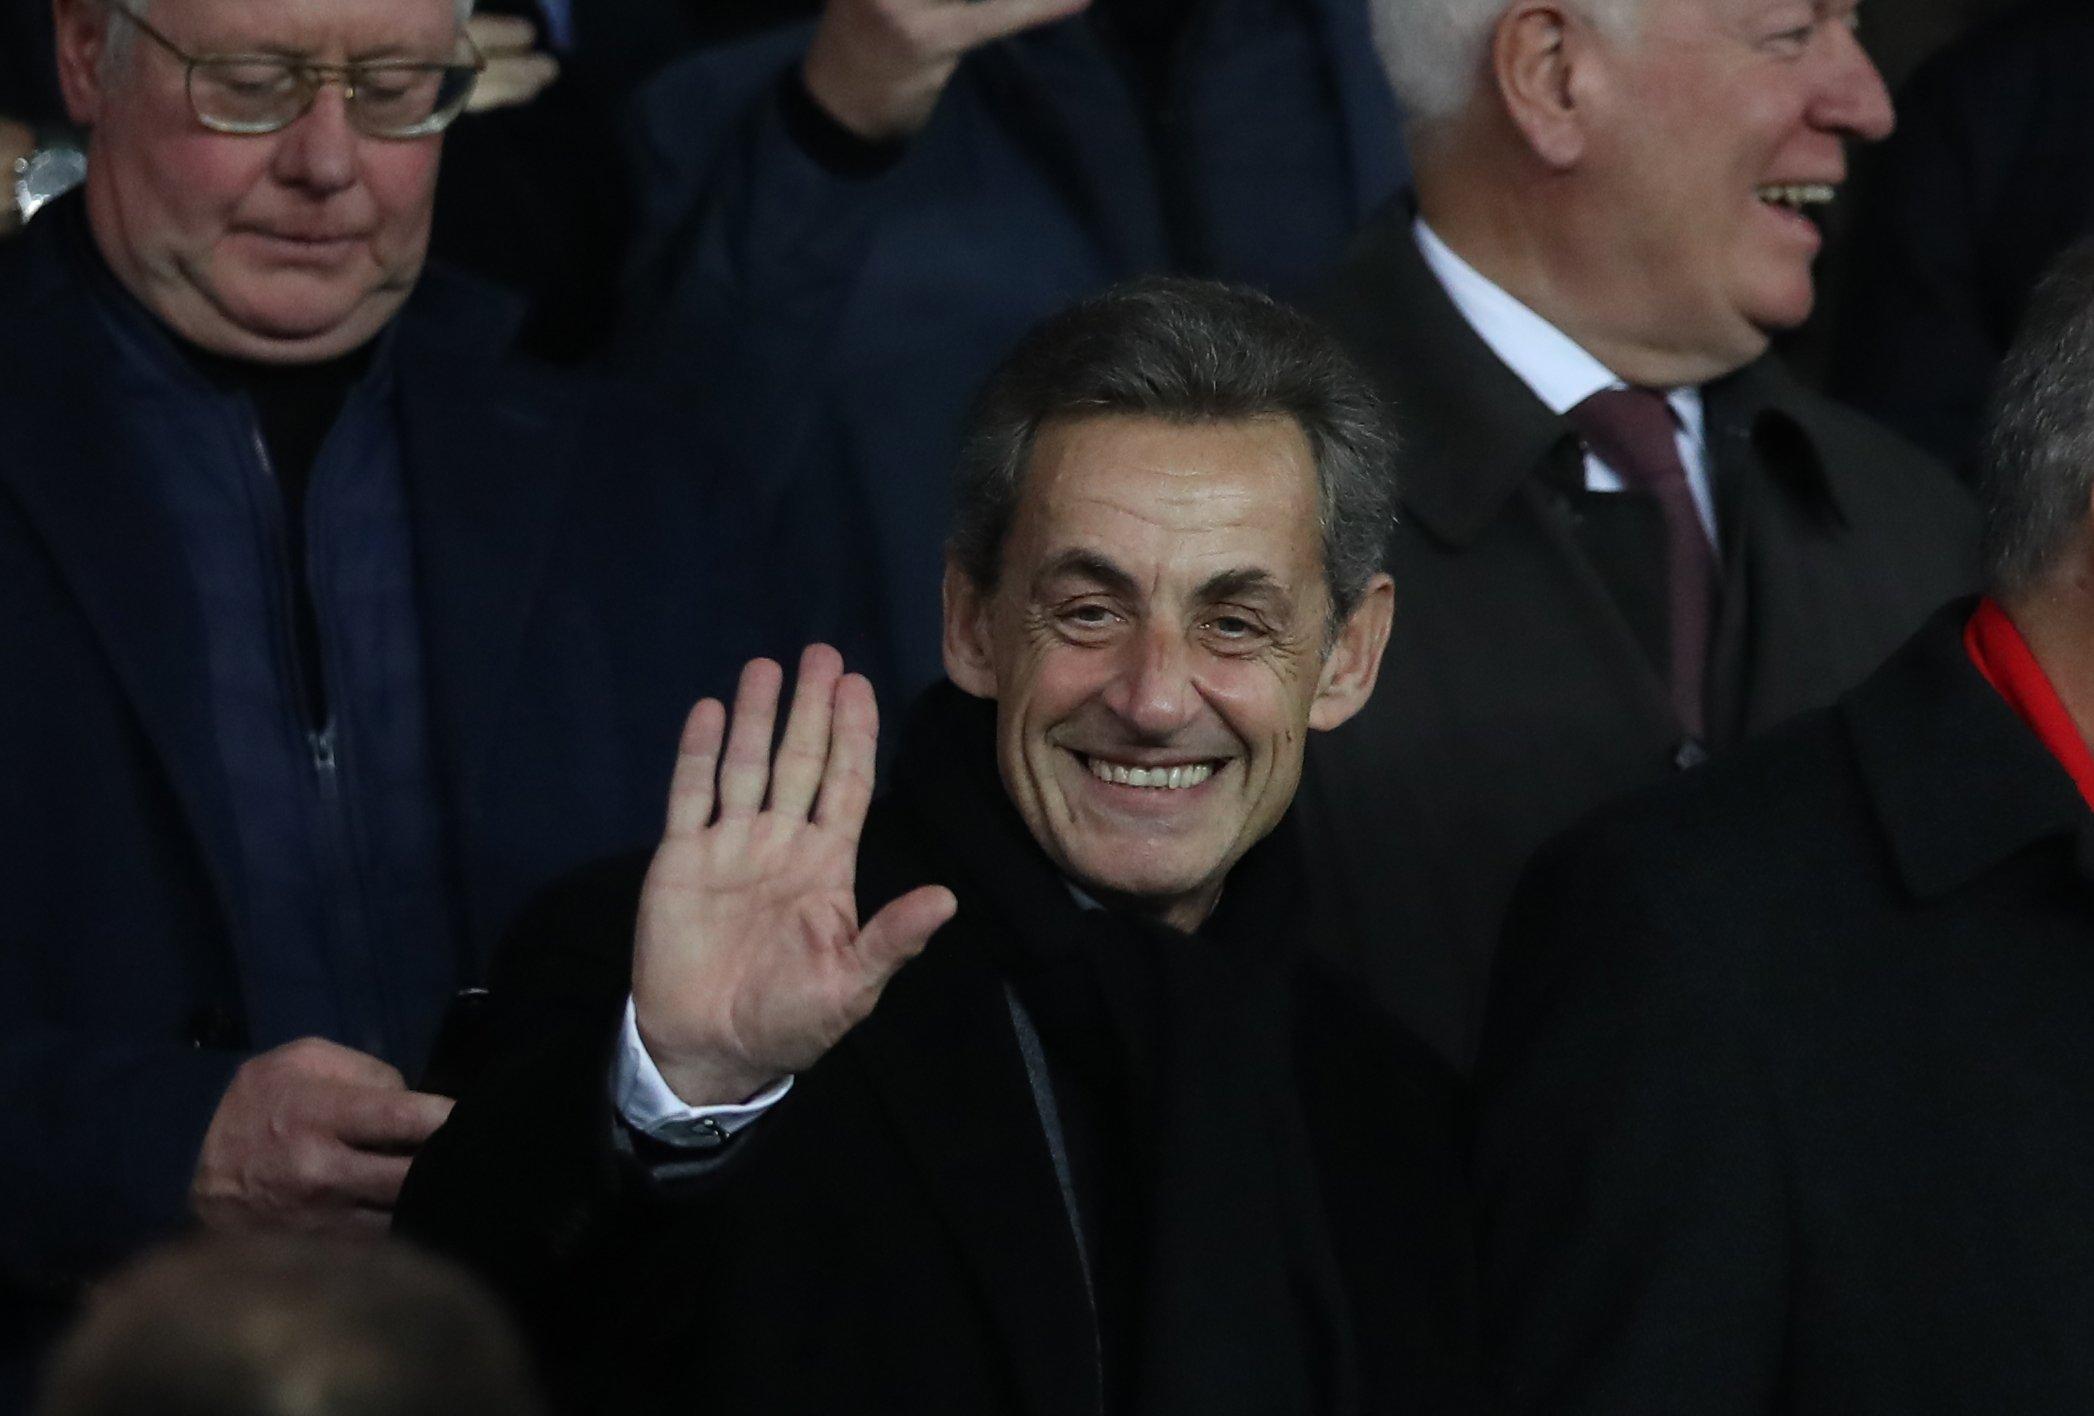 L'ancien président français Nicolas Sarkozy au match du Groupe C de la Ligue des champions de l'UEFA à Paris, France | Photo : Getty Images